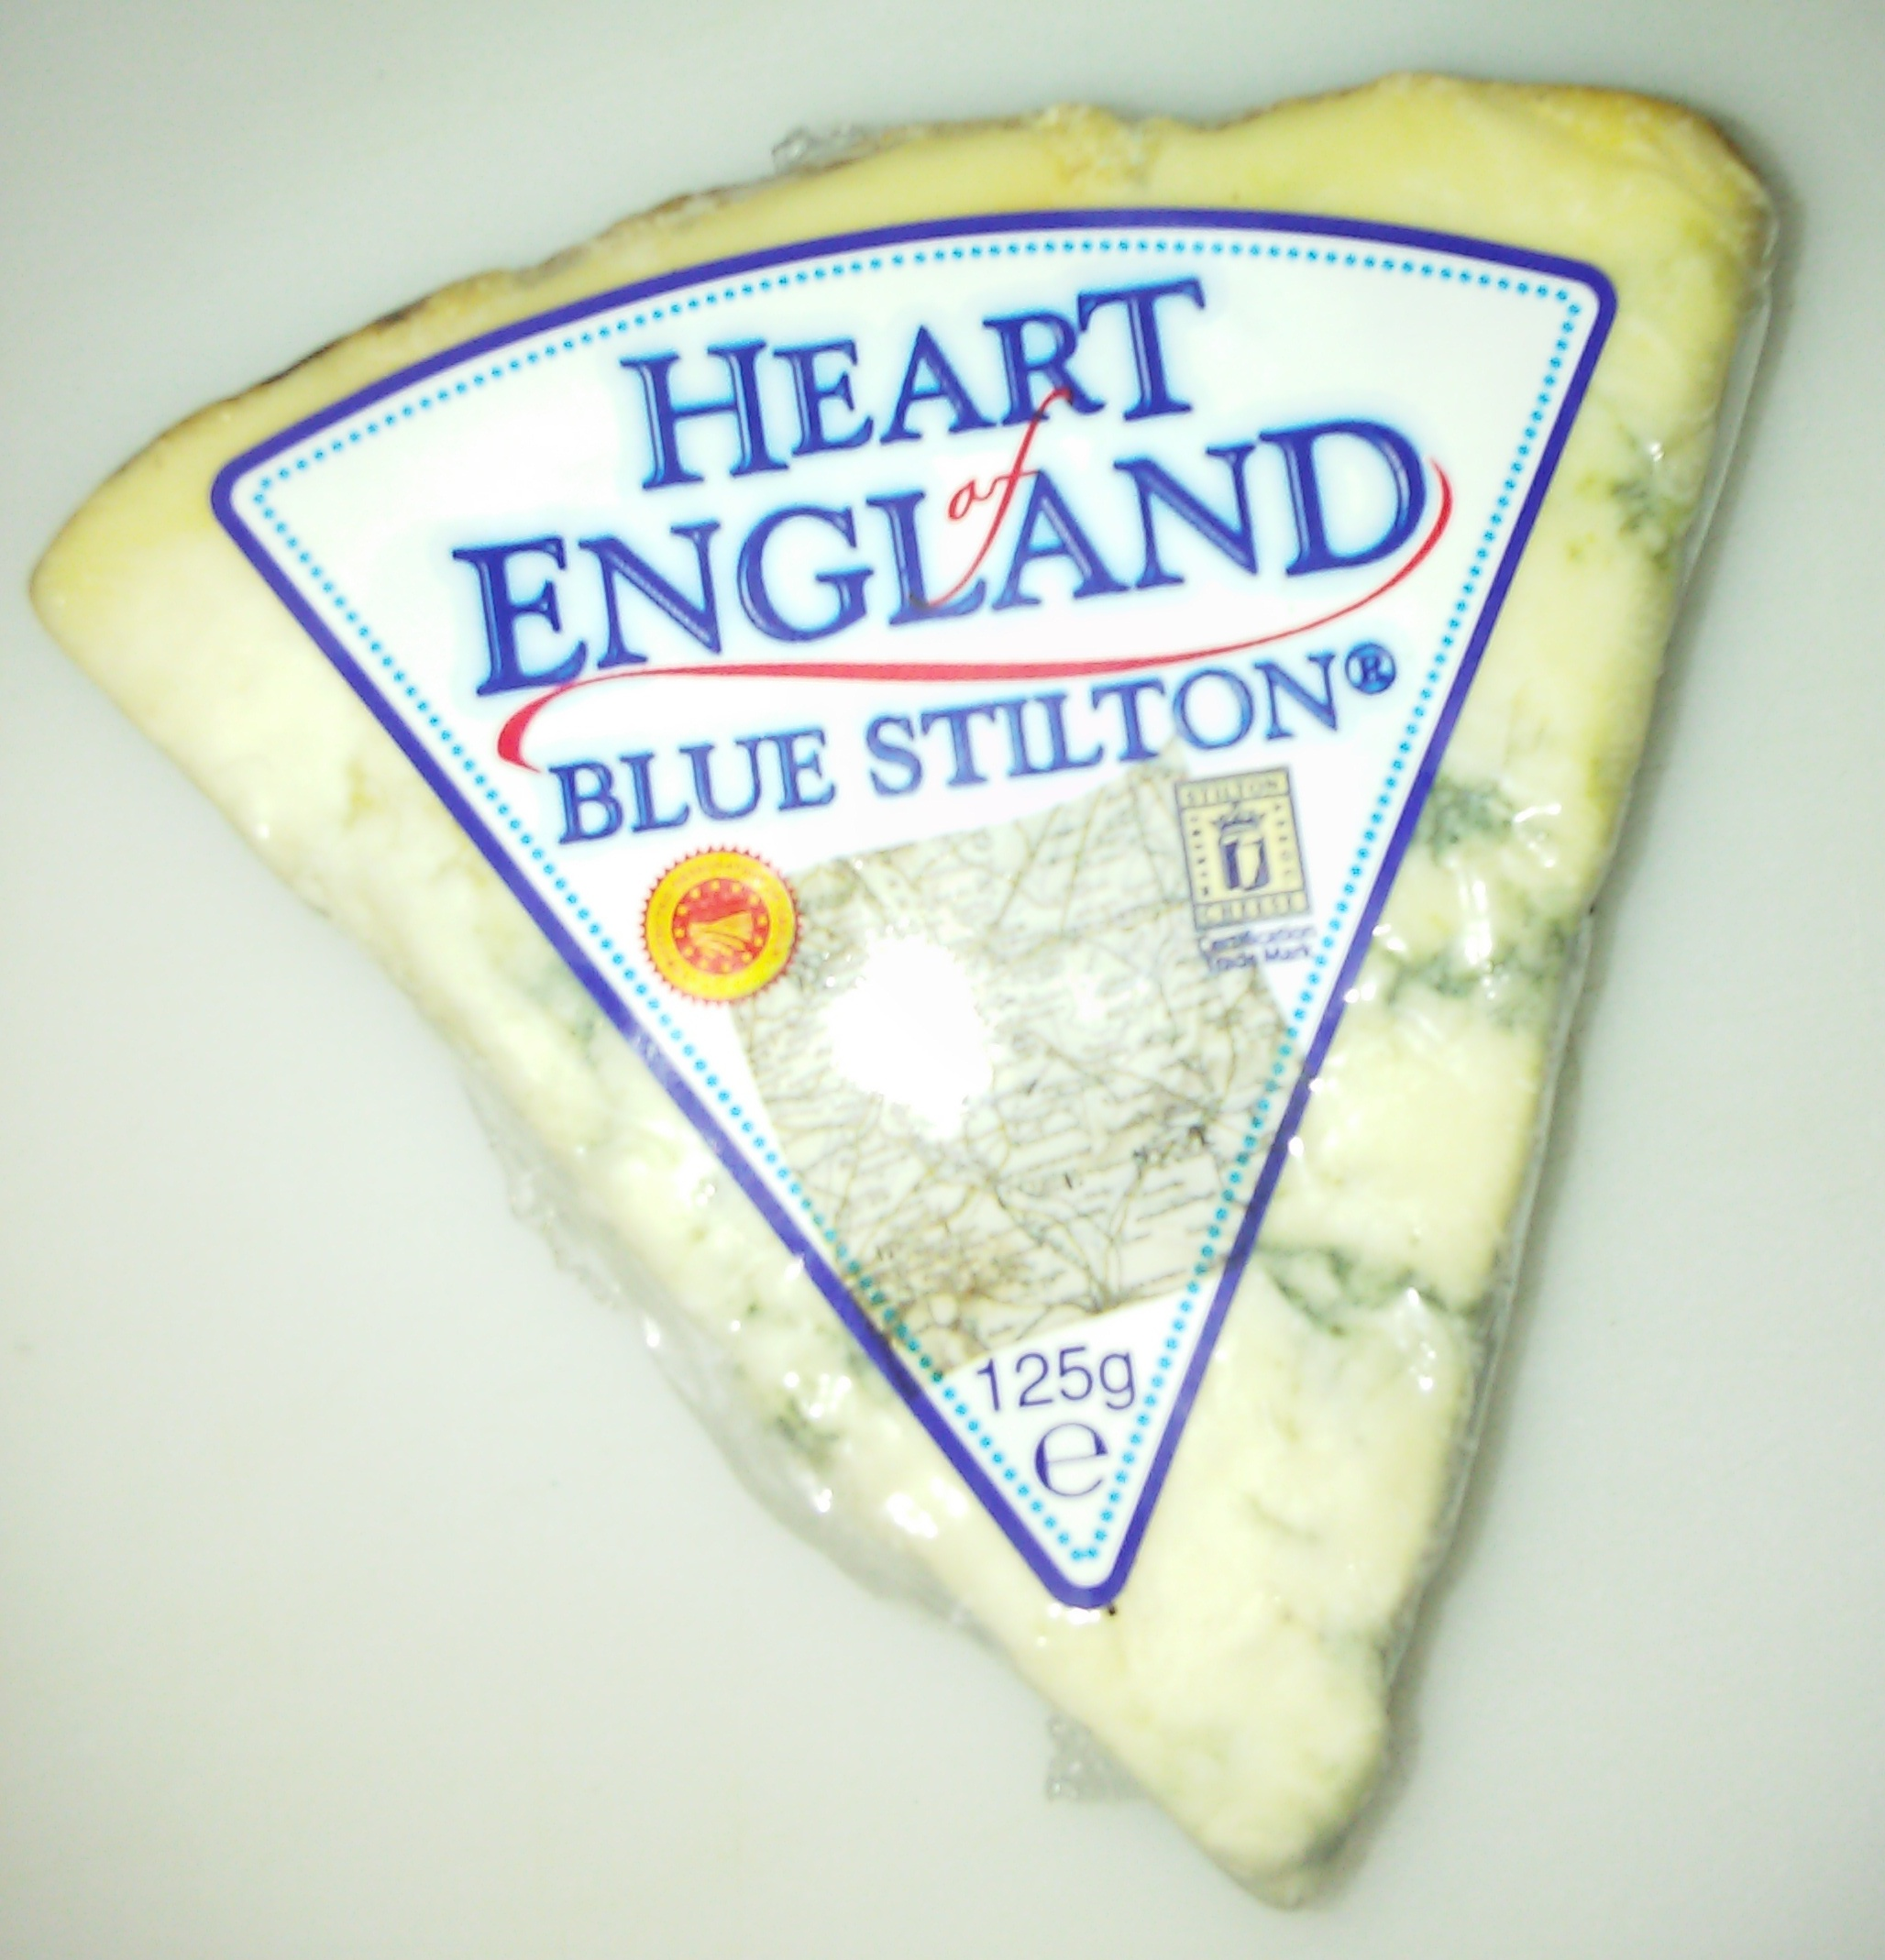 Blue stilton - Product - es